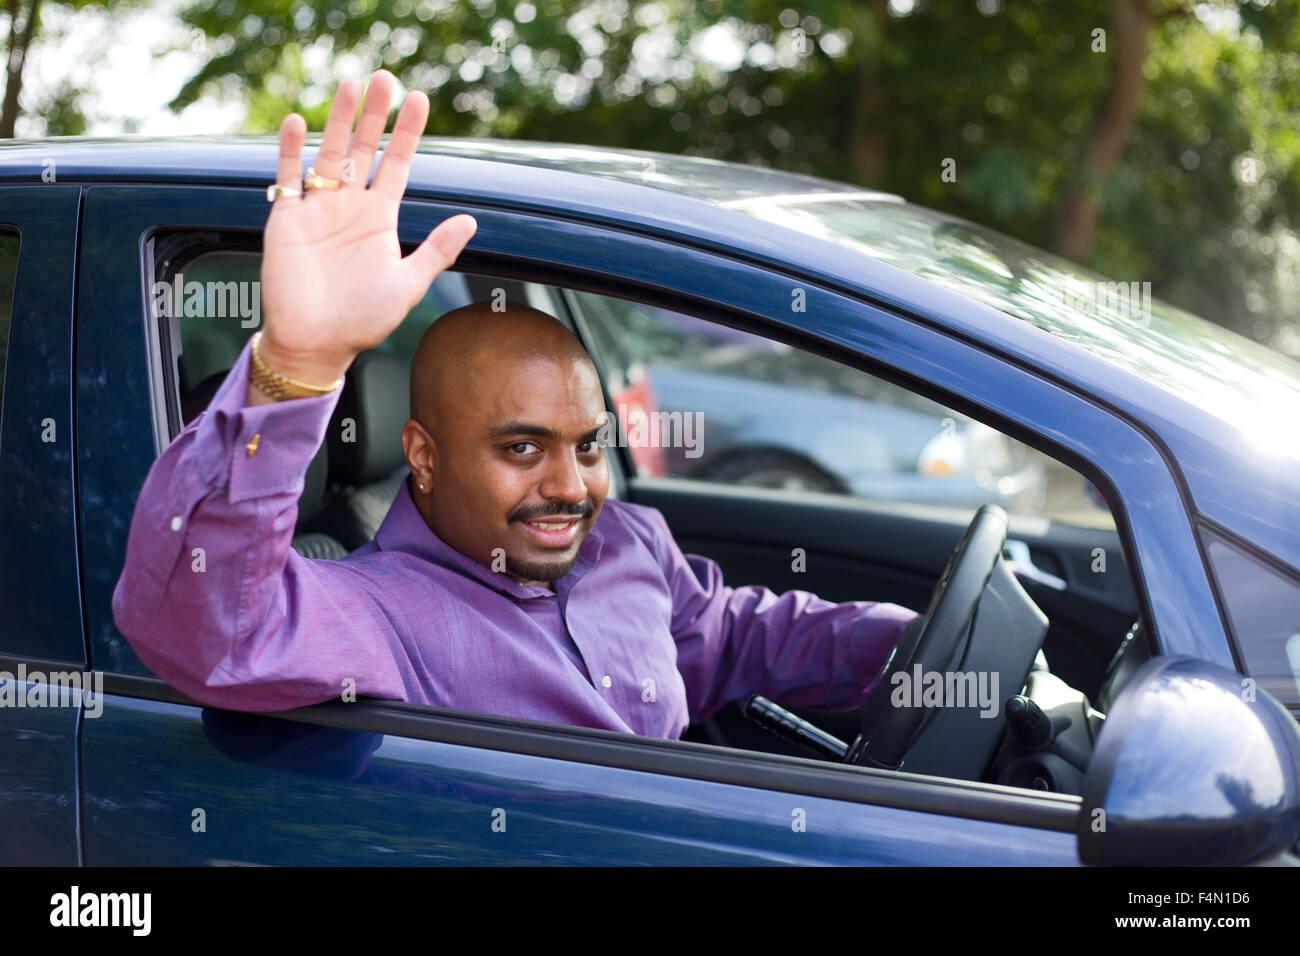 man waving goodbye from his car - Stock Image